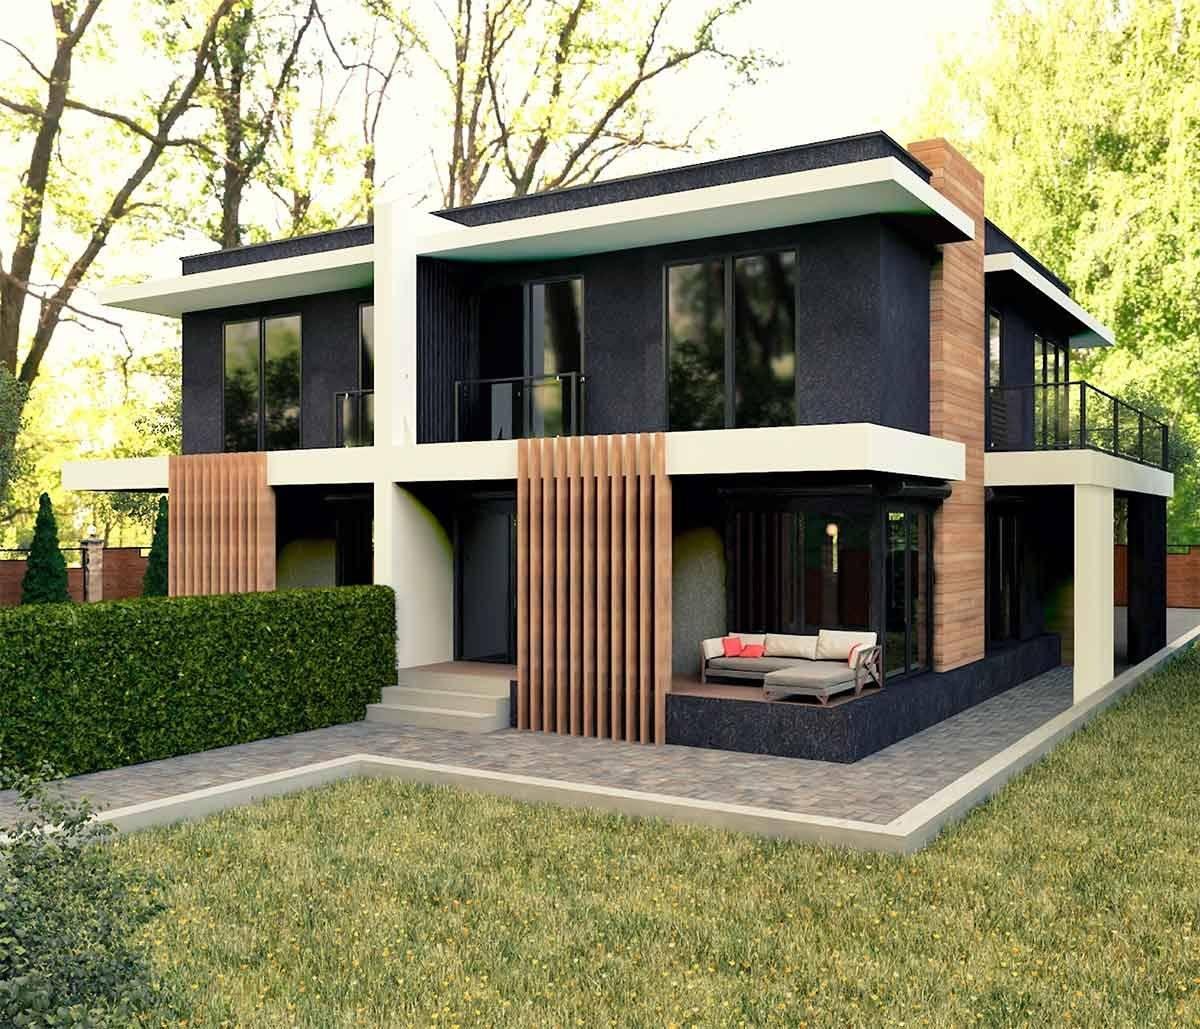 Каркасные дома в стиле хай-тек: особенности квадратных каркасников